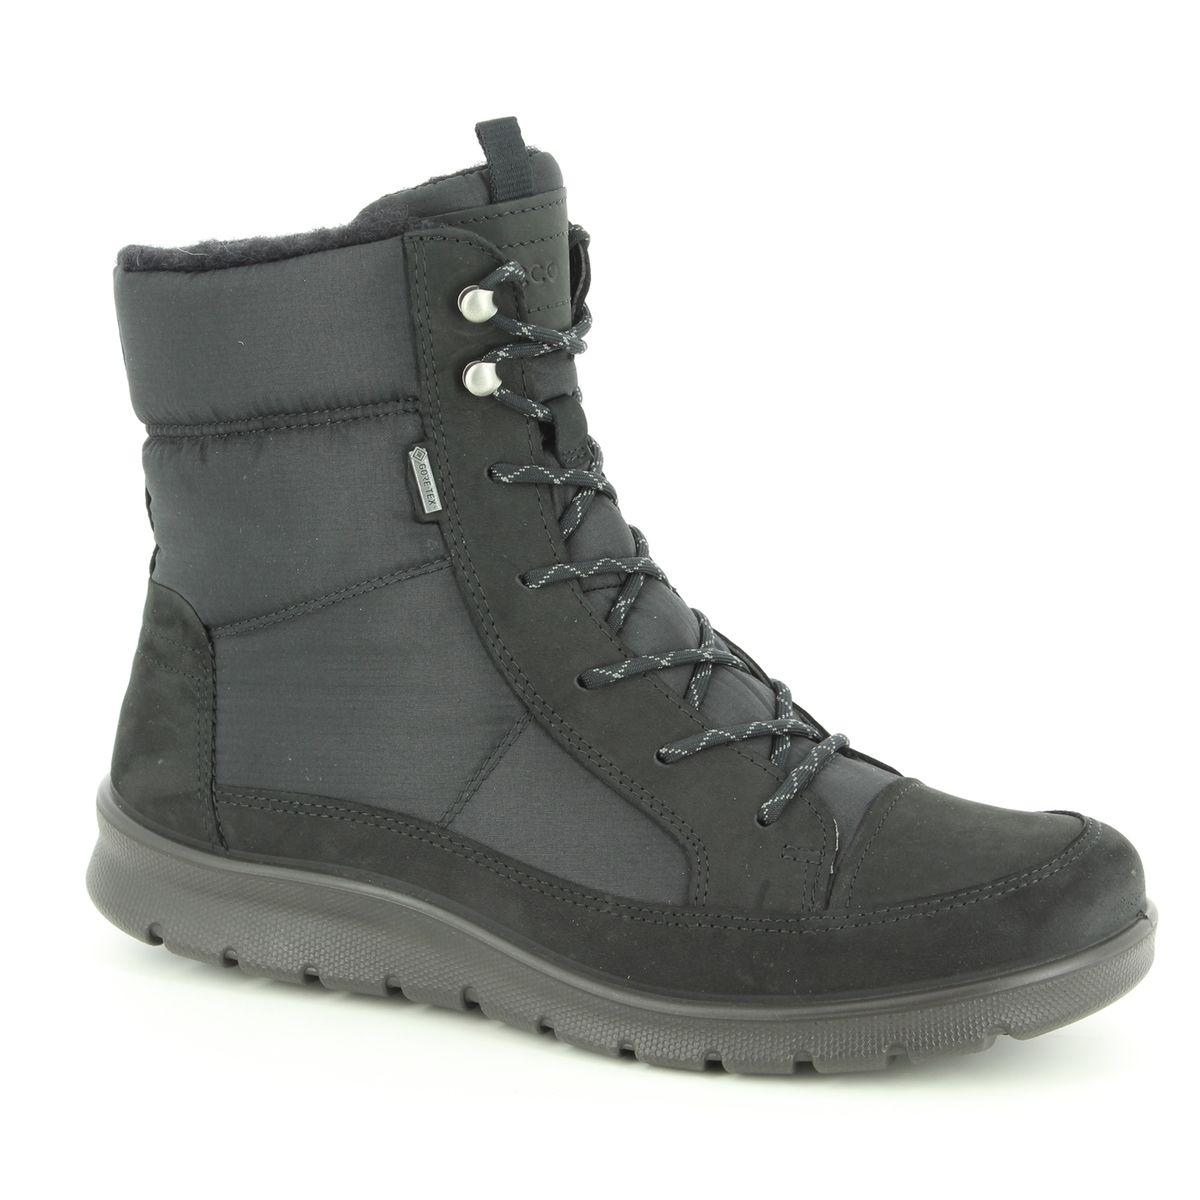 b3cc2de49cf ECCO Winter Boots - Black nubuck - 215553 51052 BABETT BOOT GORE-TEX 85